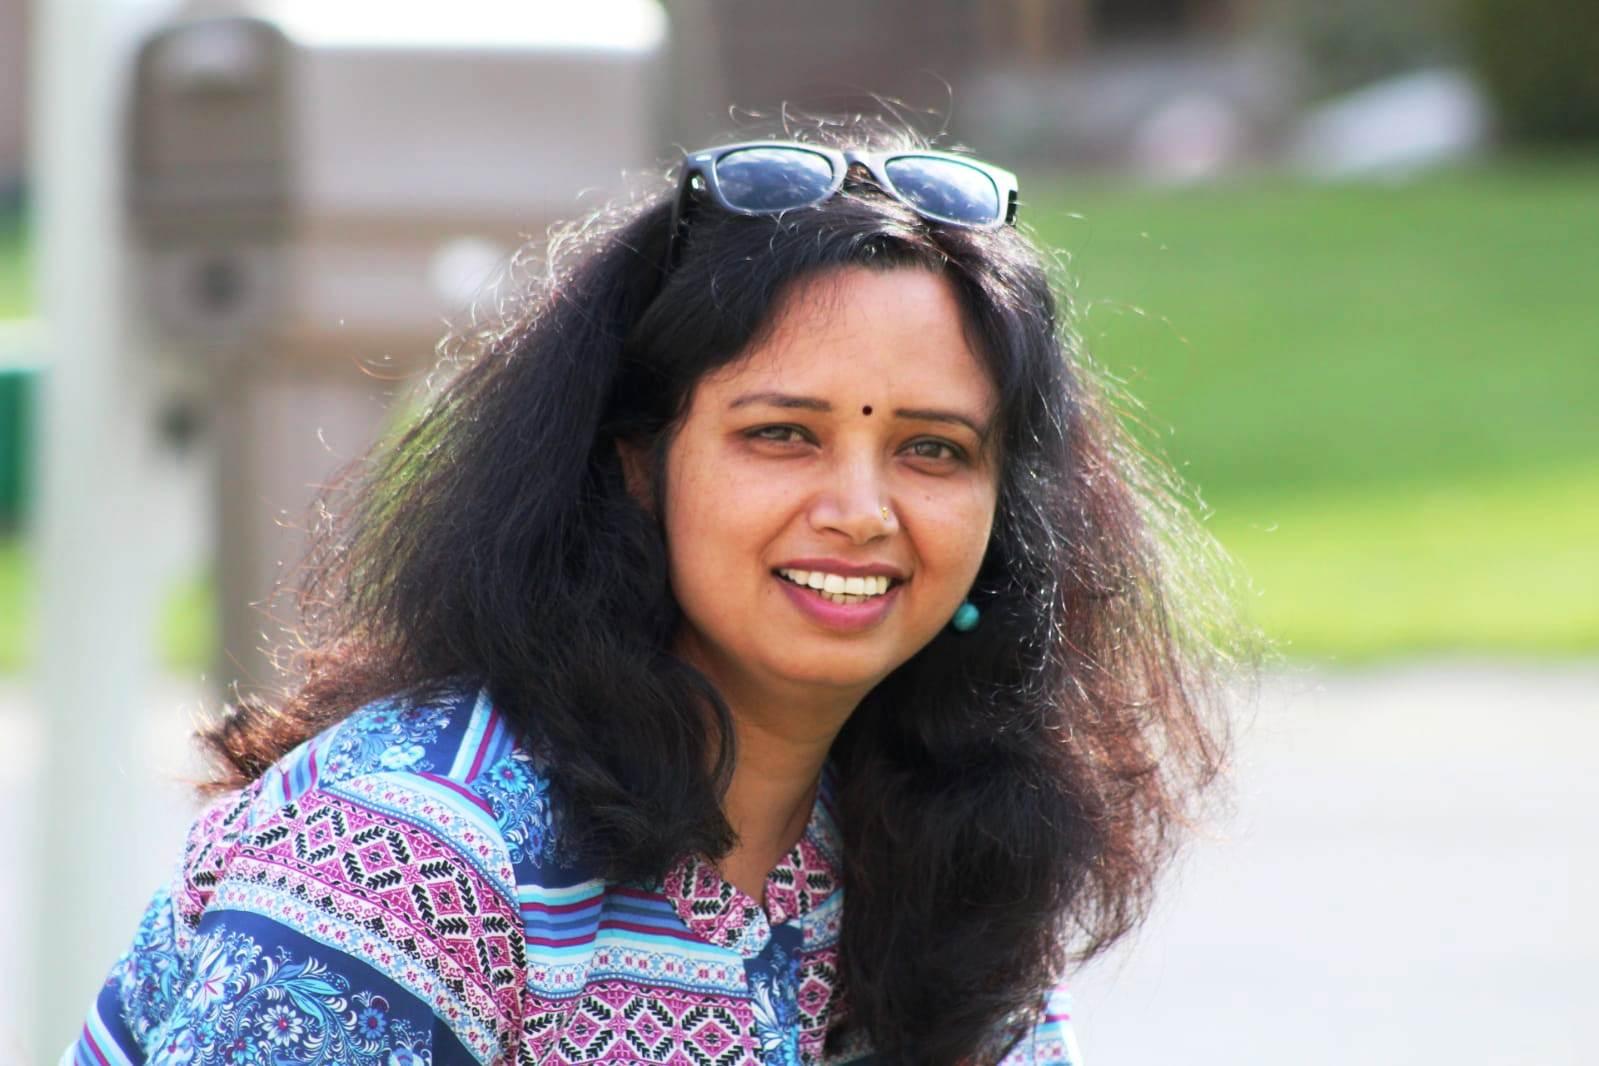 डॉ. निशा पण्ड्या और गुरबचन कौर को मिला विश्व हिन्दी सेवा सम्मान